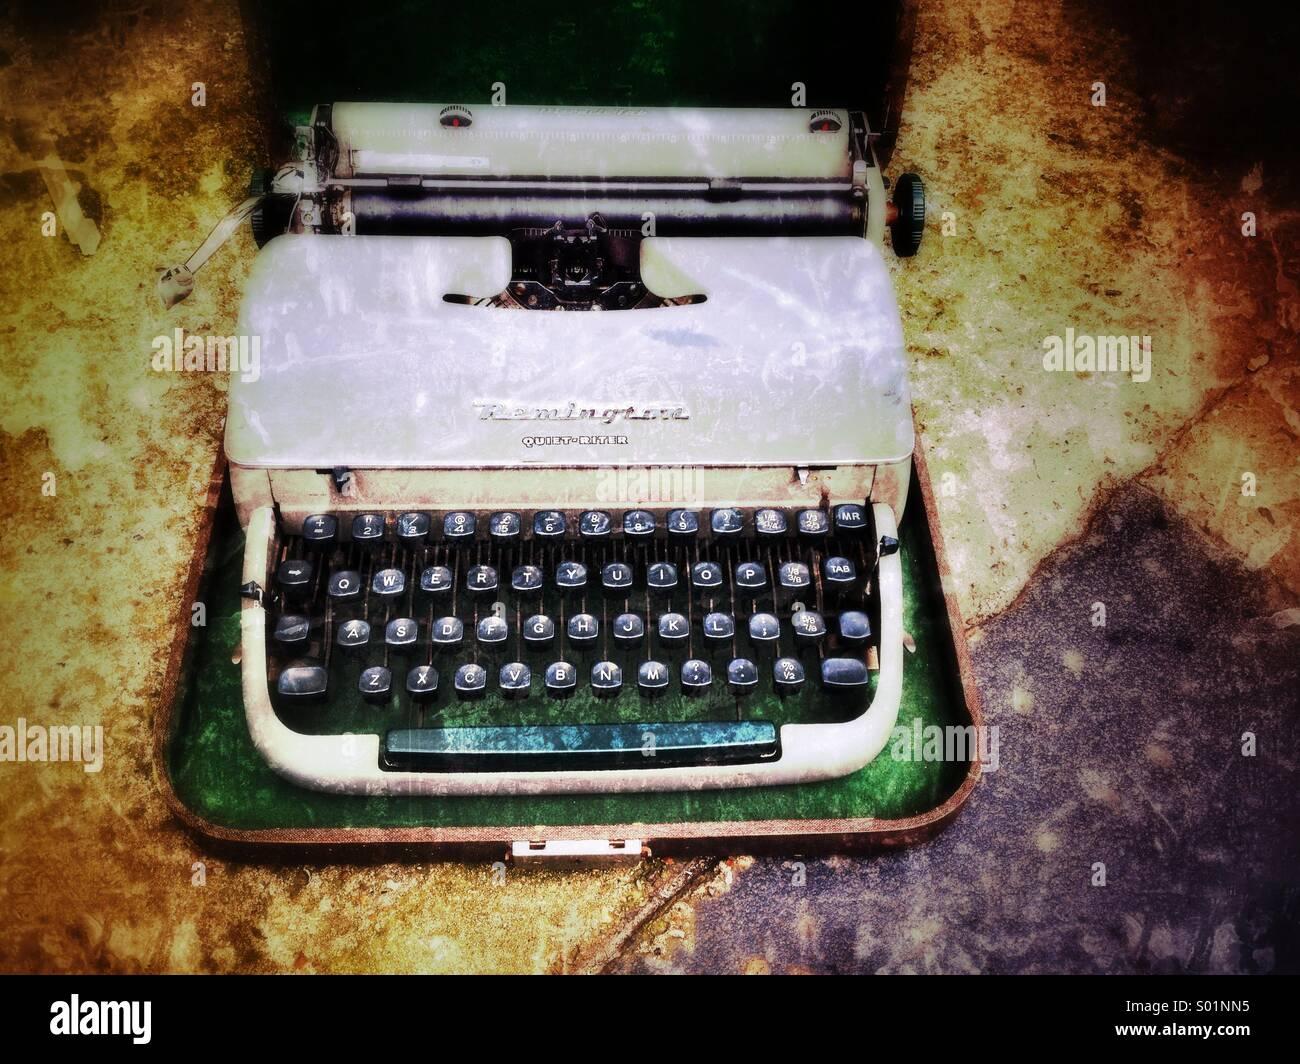 Typewriter - Stock Image